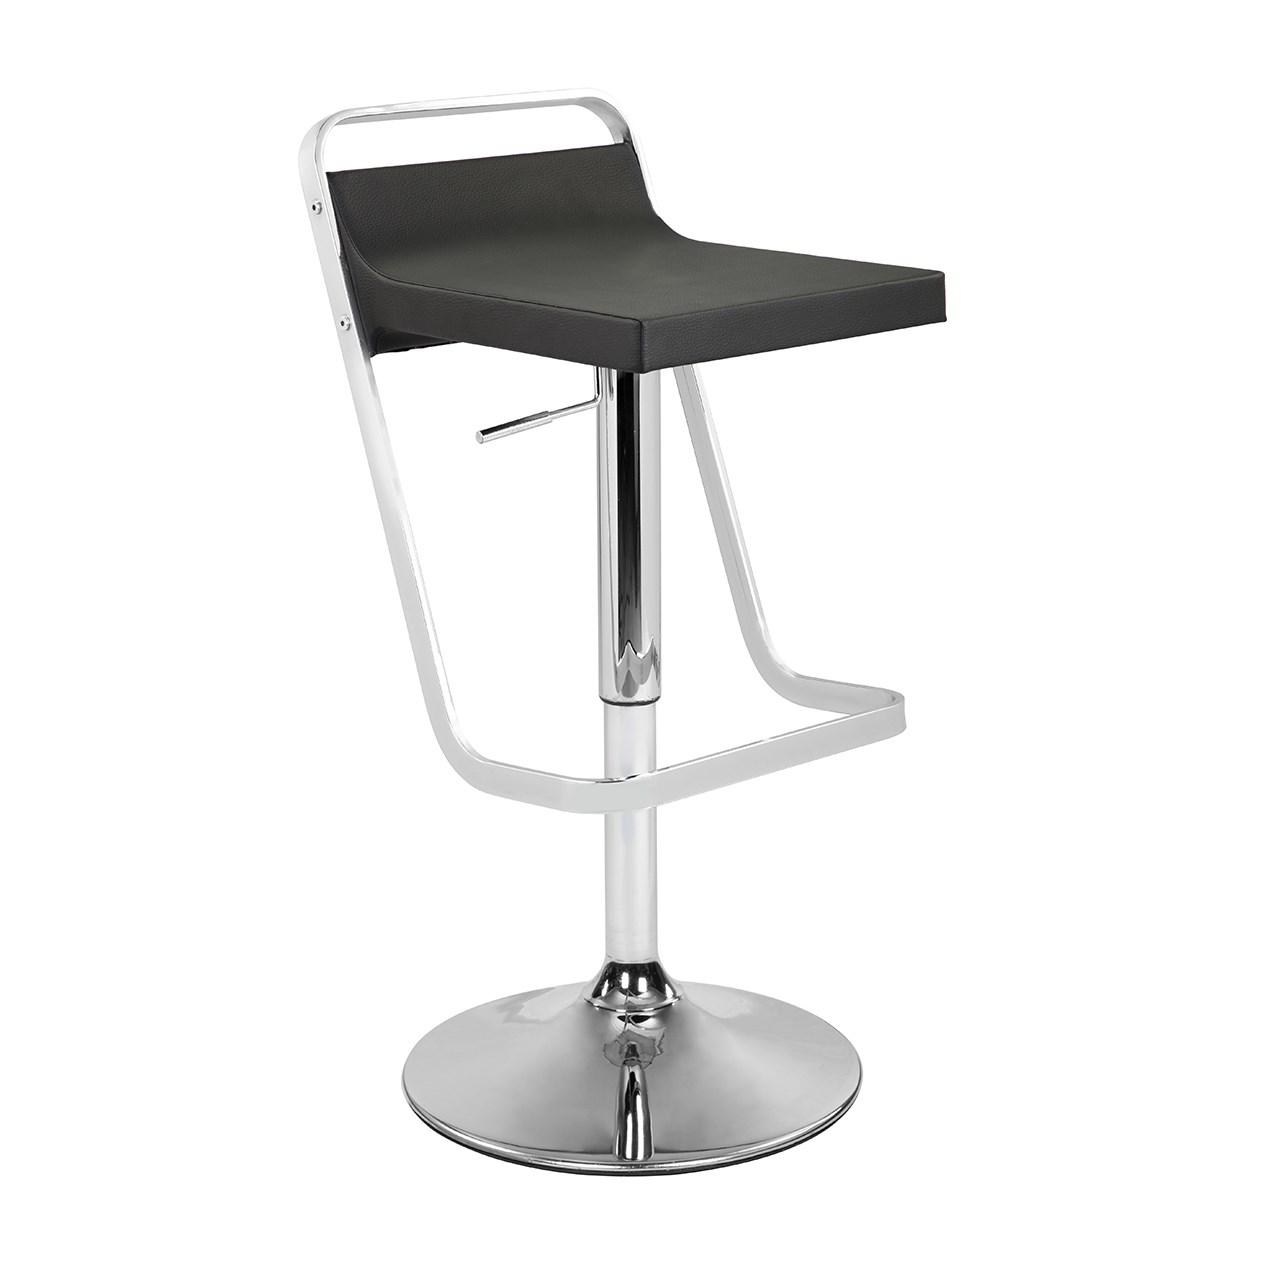 صندلی اپن فلزی جهانتاب مدل ویستا